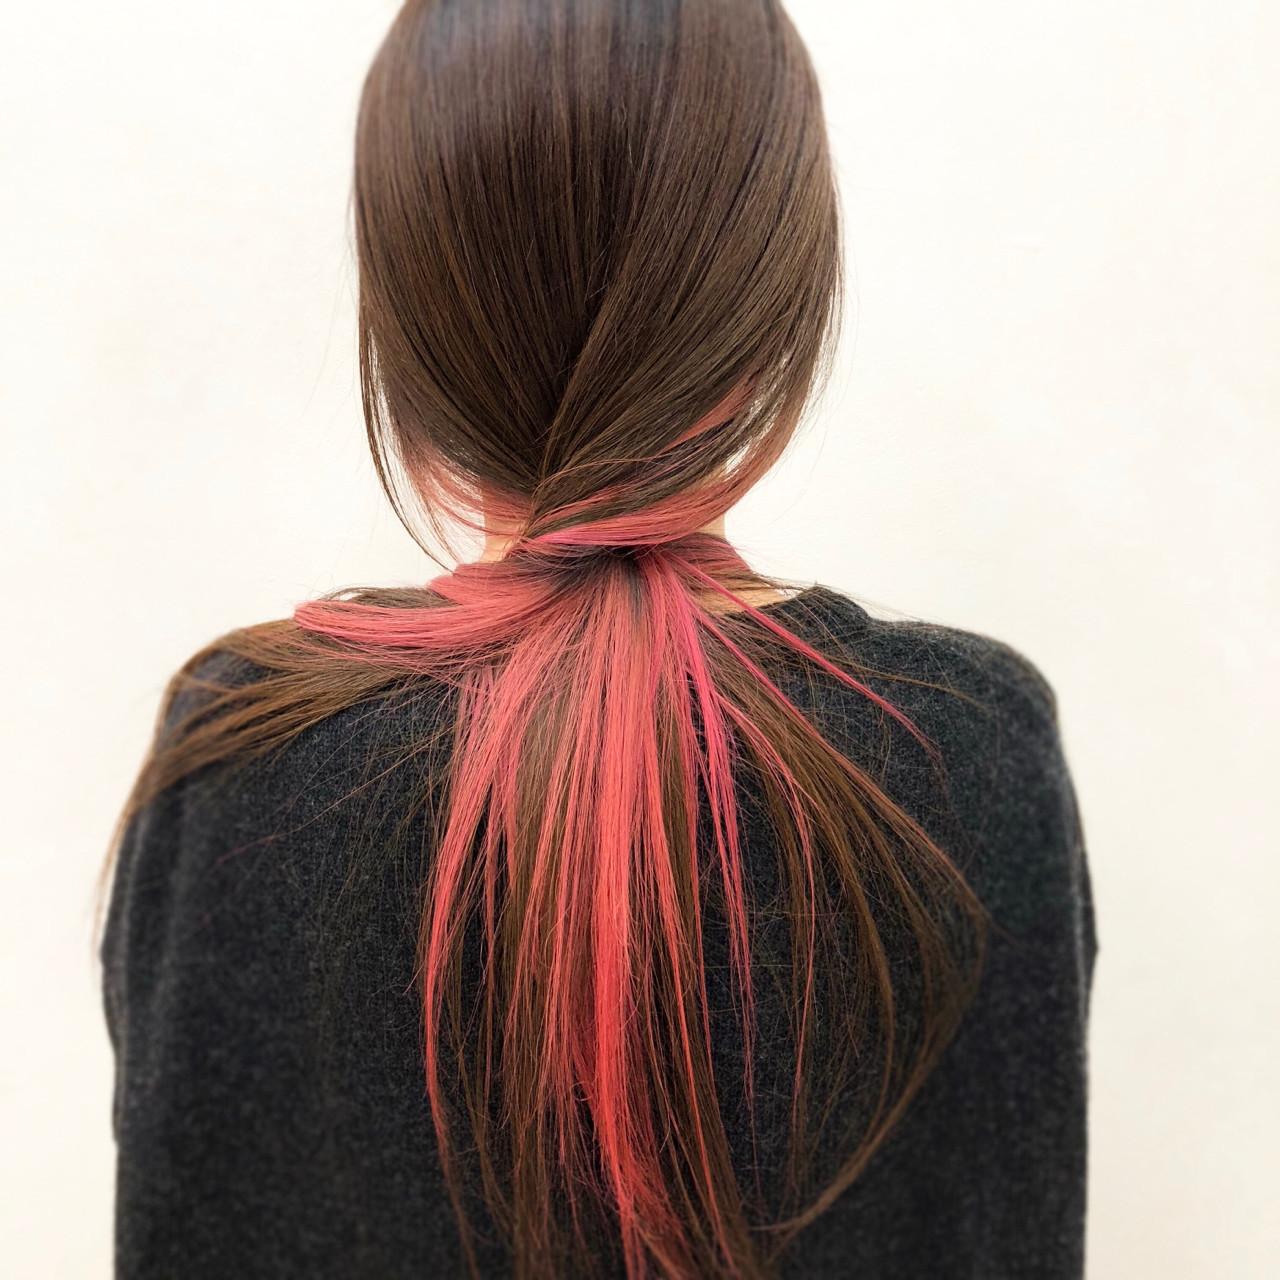 ロング ストレート ナチュラル インナーカラー ヘアスタイルや髪型の写真・画像